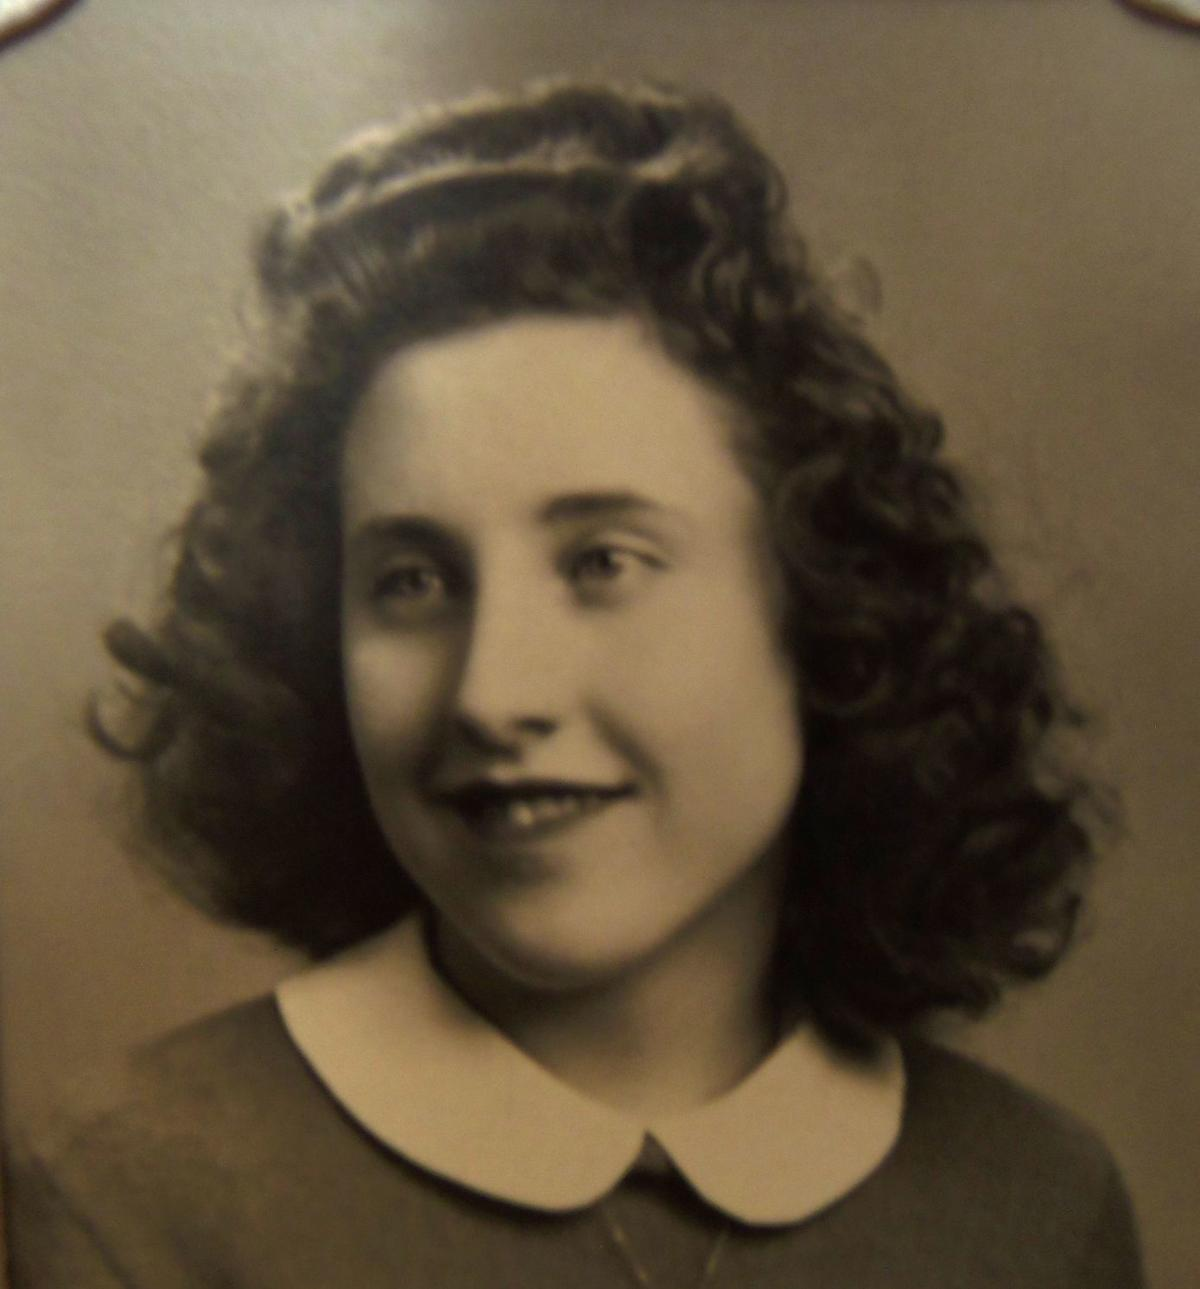 Rubye Stewart